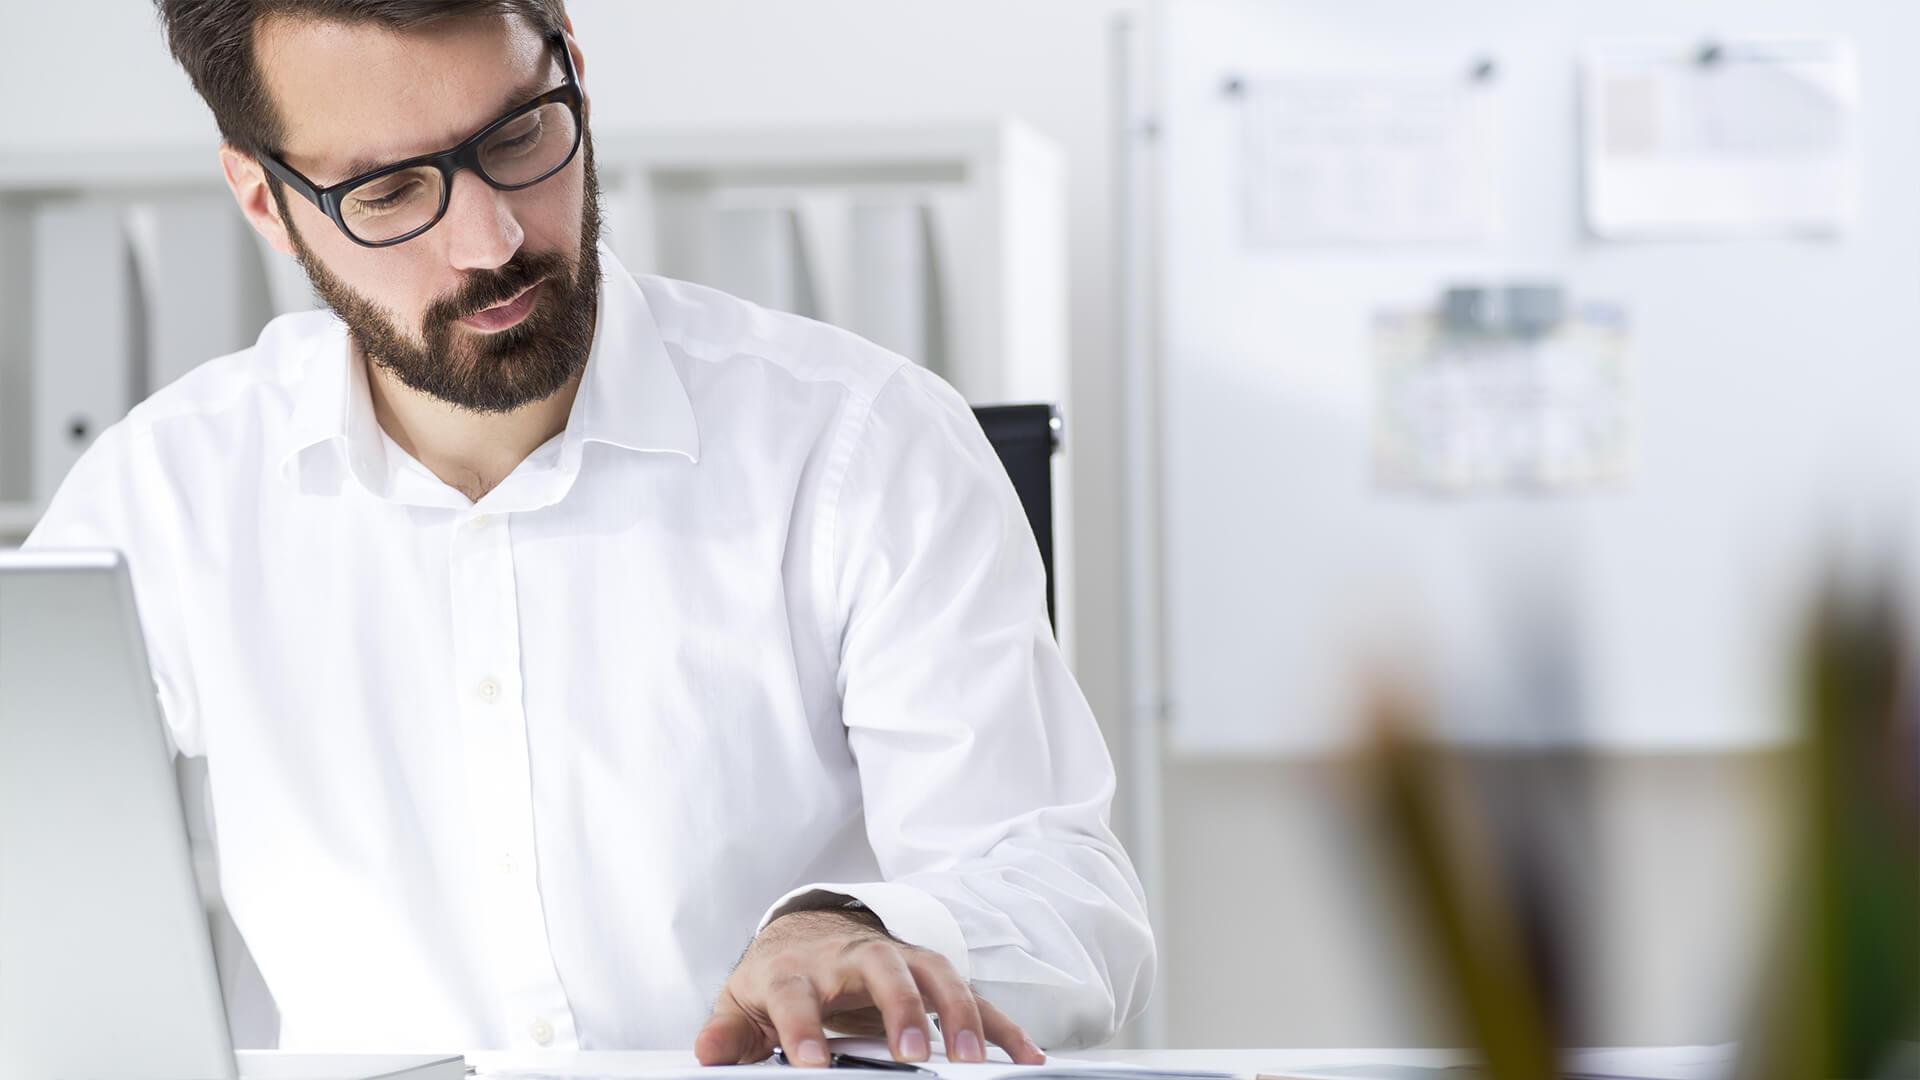 Raportowanie skierowań elektronicznych ipapierowych